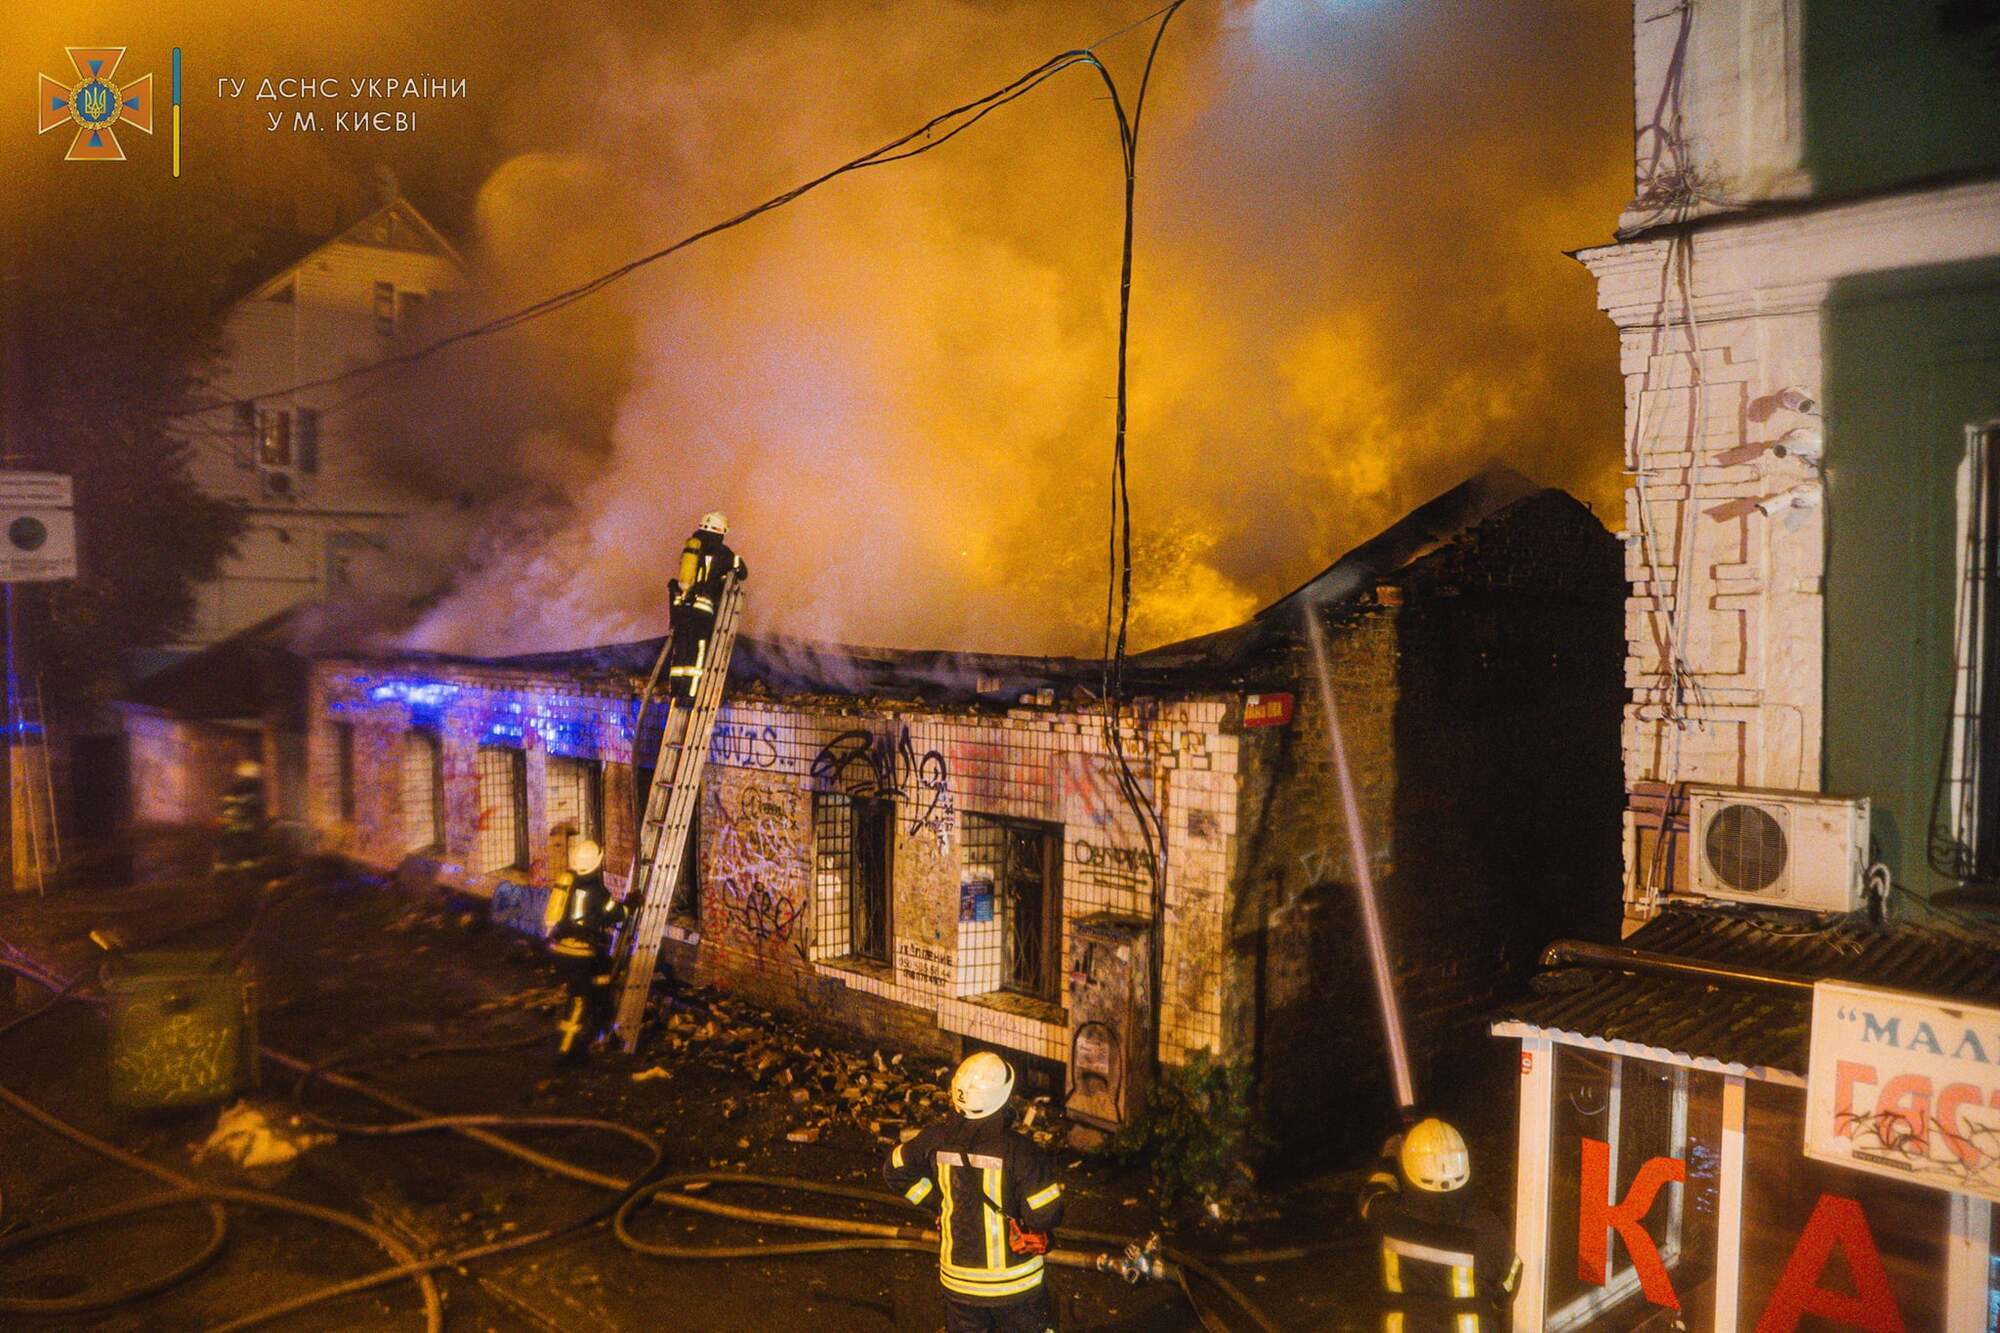 Пожар возник в заброшенном здании.